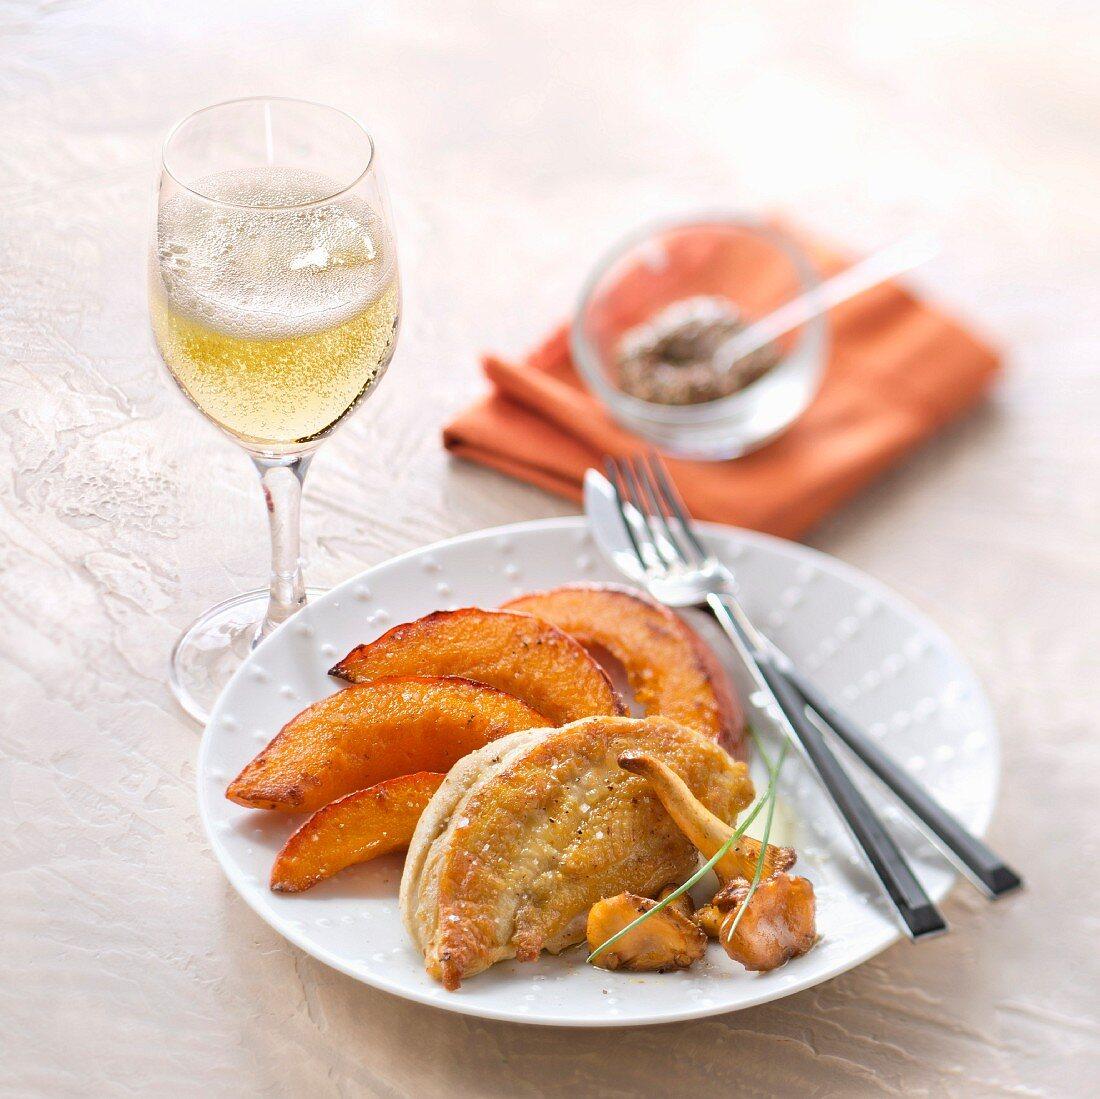 Gebratene Geflügelbrust mit Pfifferlingen, gegrilltem Kürbis und einem Glas Crémant